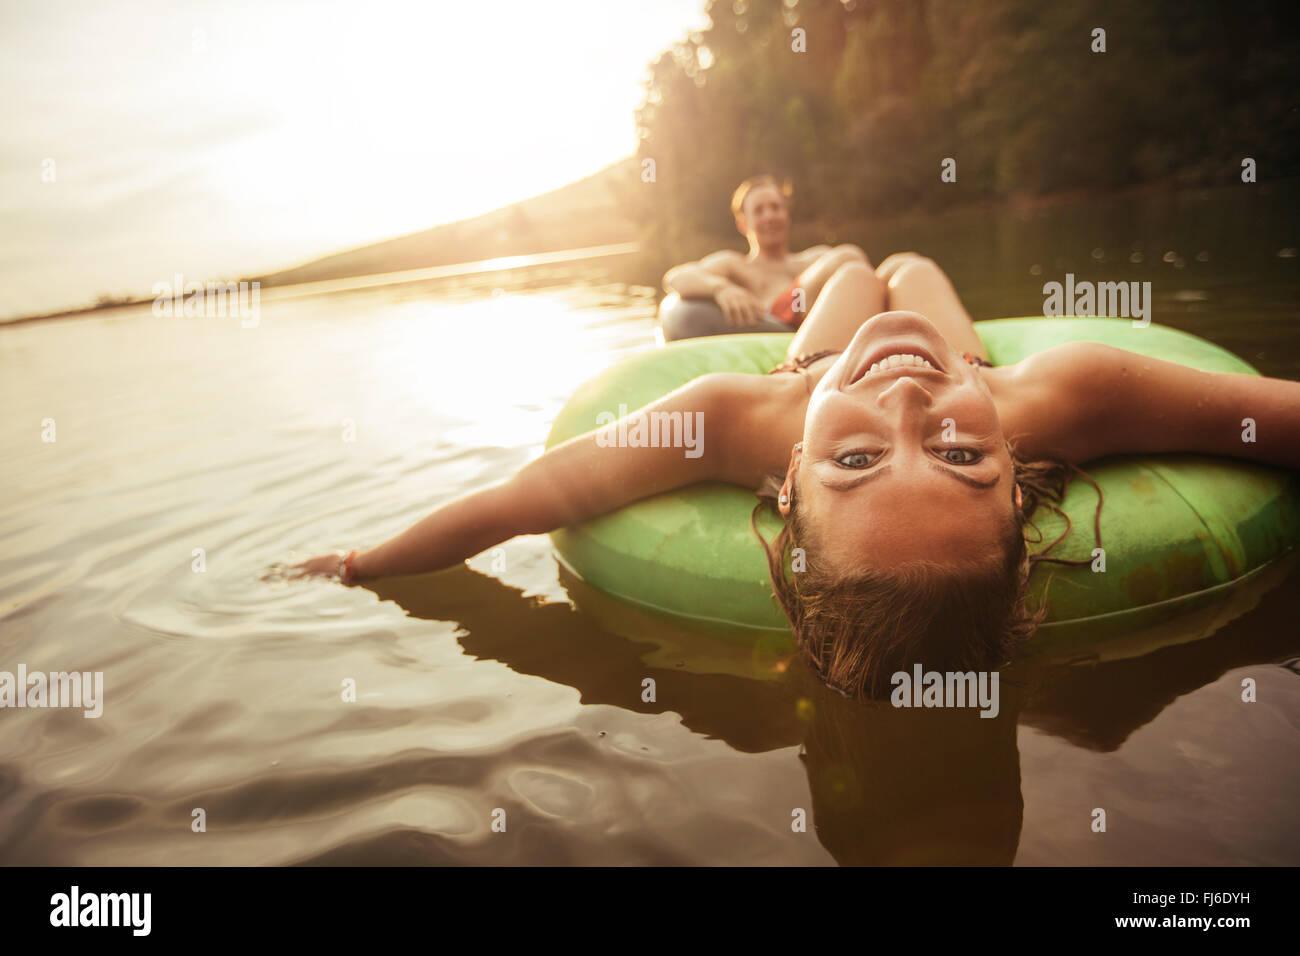 Porträt der glückliche junge Frau mit ihrem Freund im Hintergrund am See in einer Innertube schweben. Stockbild